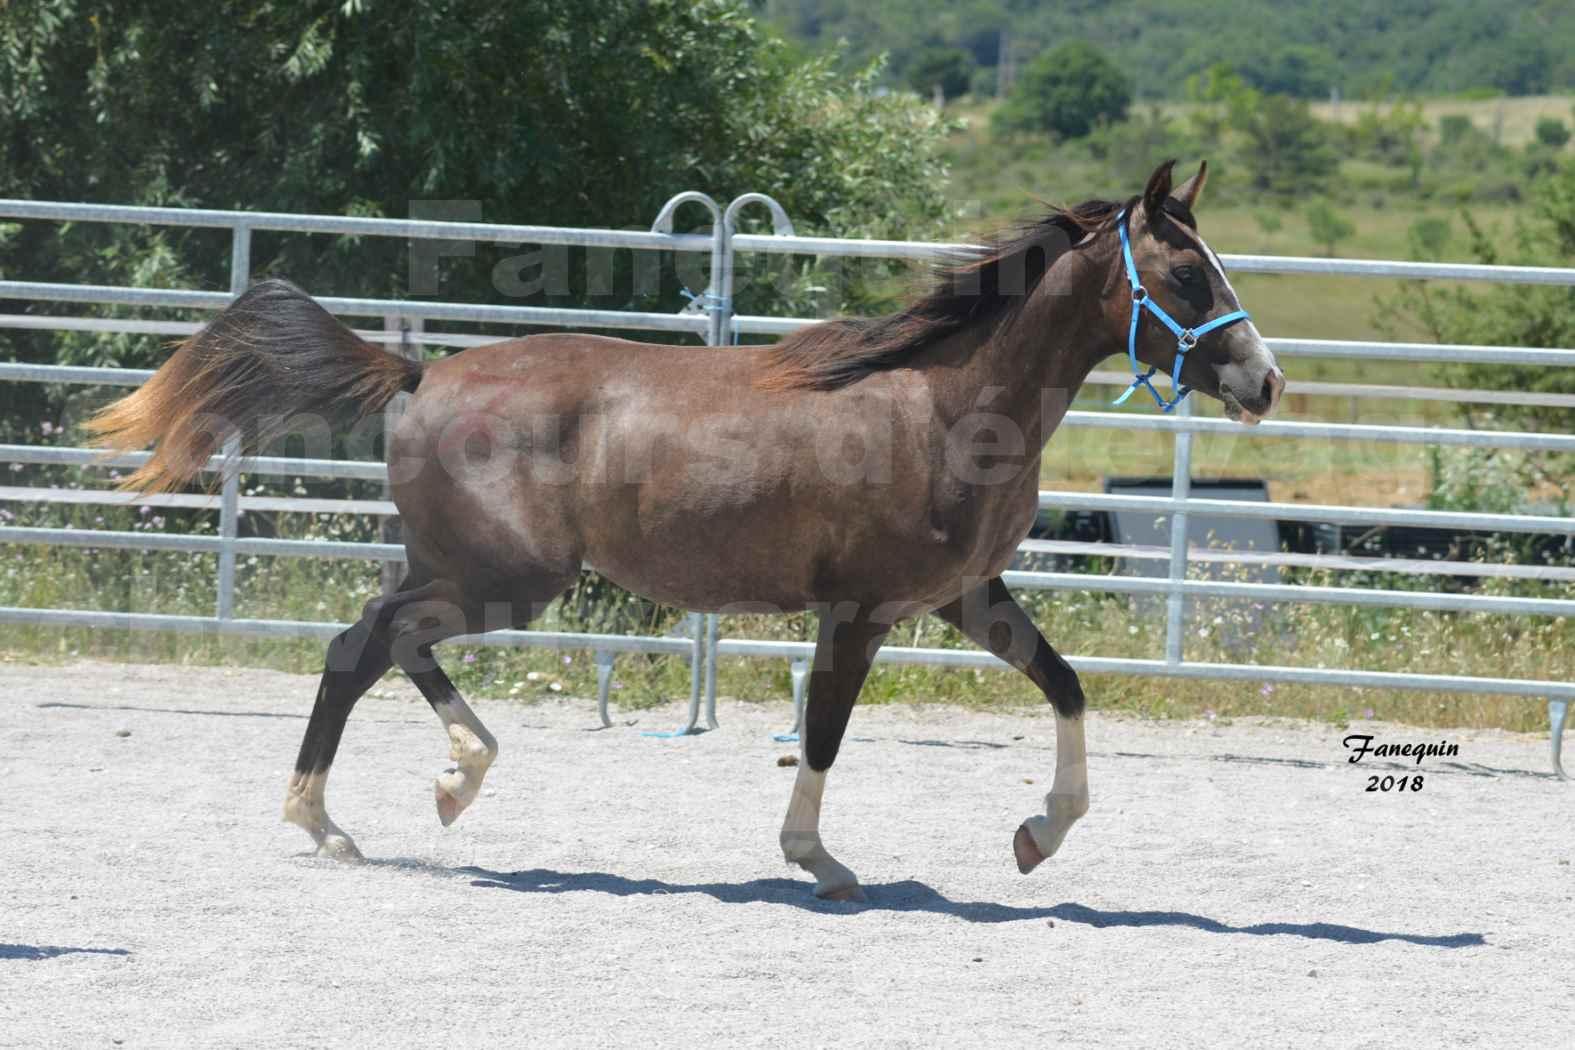 Concours d'Elevage de chevaux Arabes  le 27 juin 2018 à la BOISSIERE - GALICIA D'ALAUZE - 3